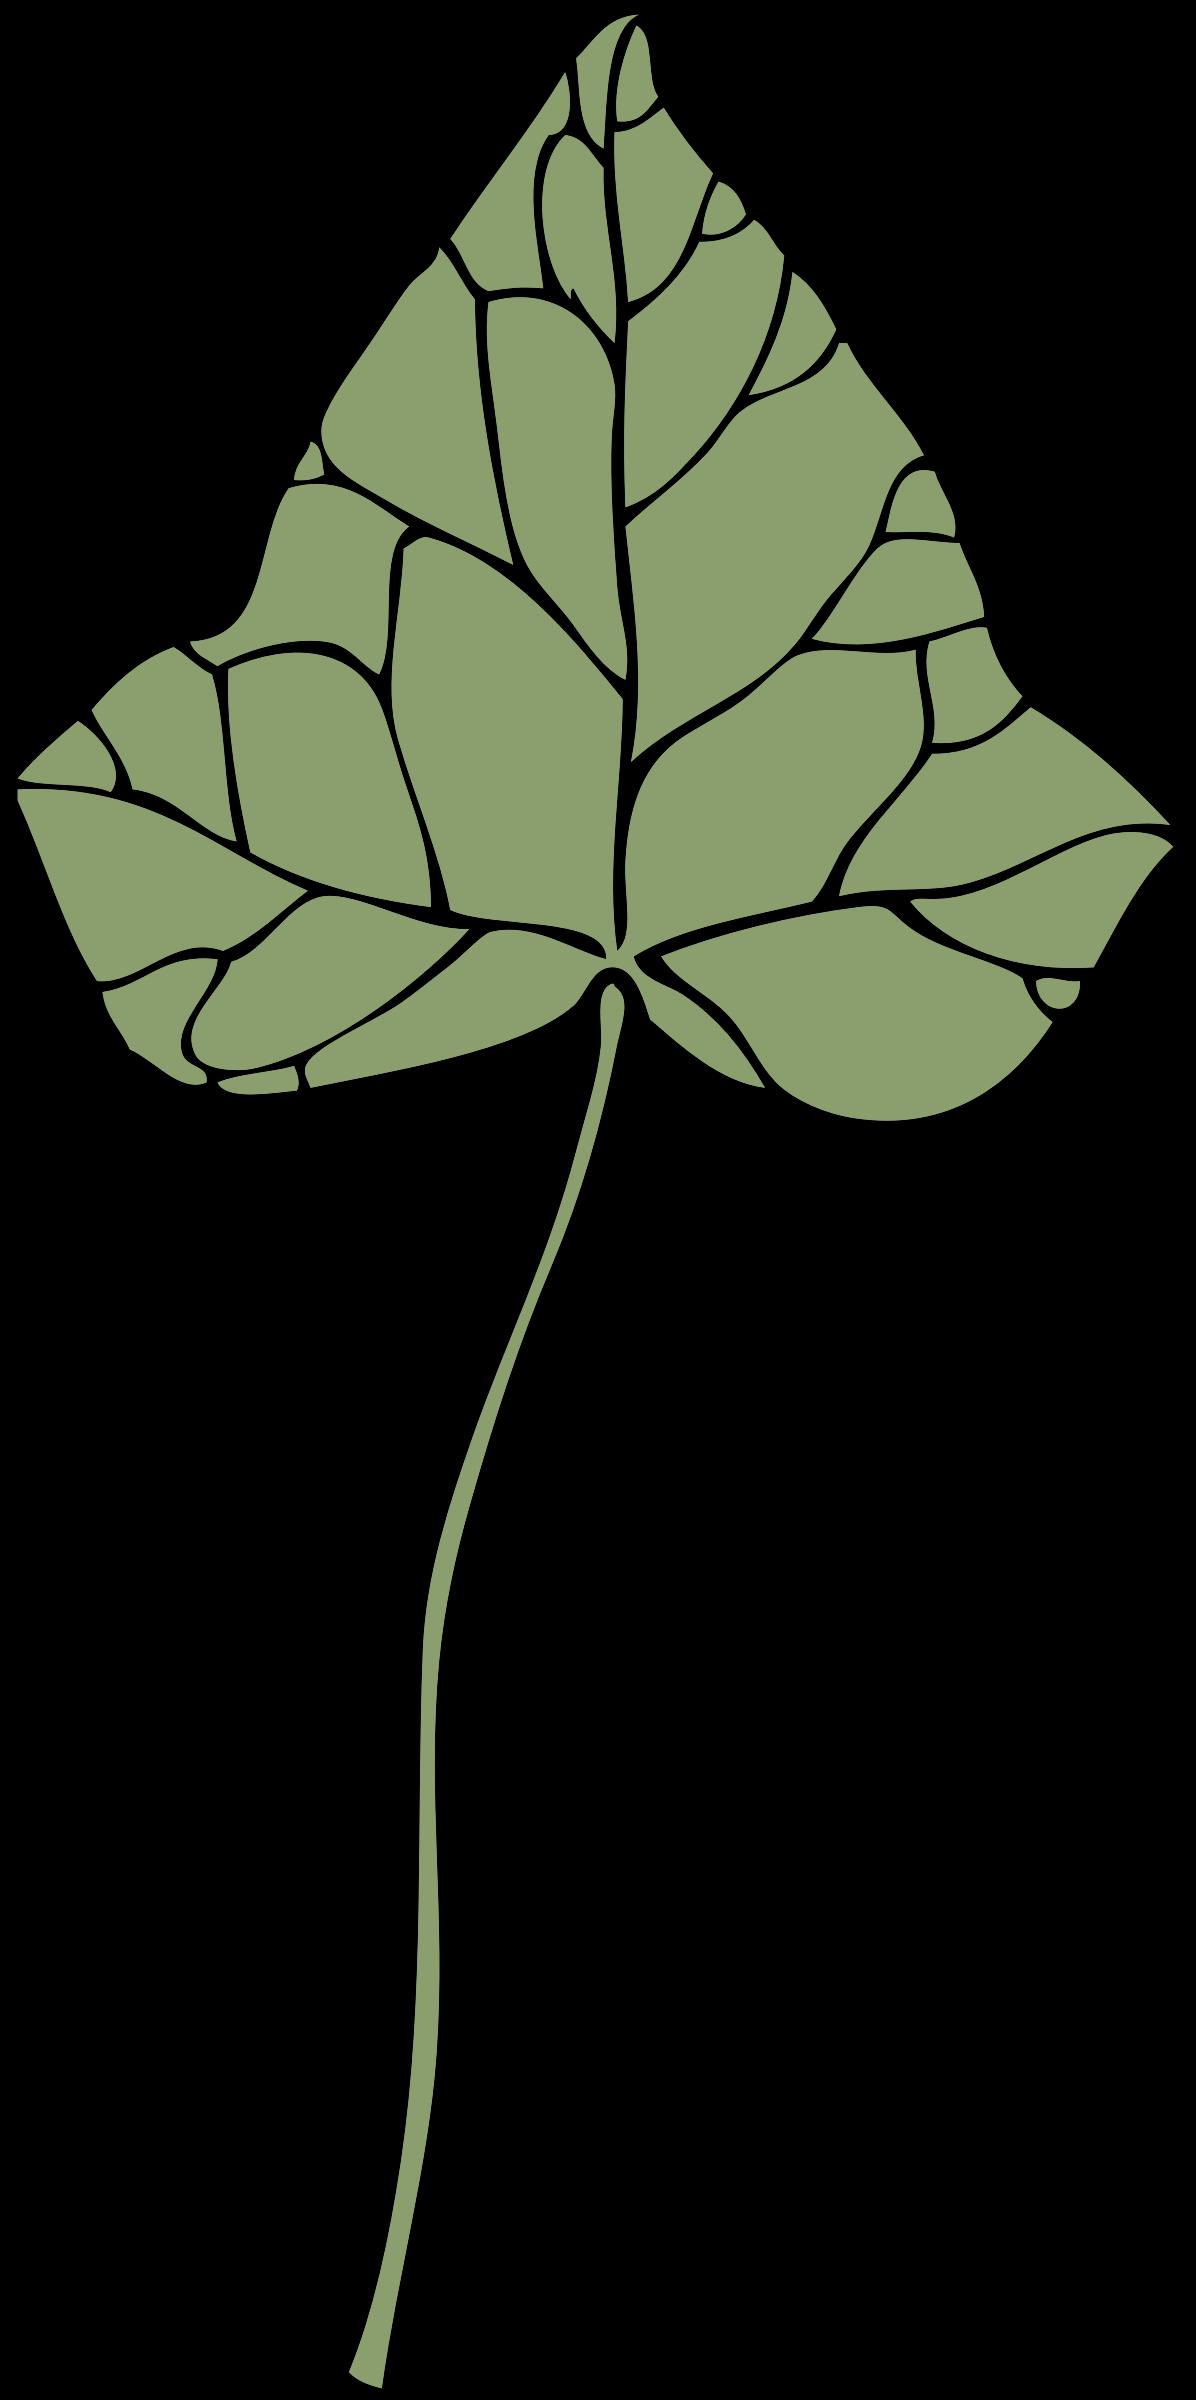 Image png. Ivy clipart big leaf